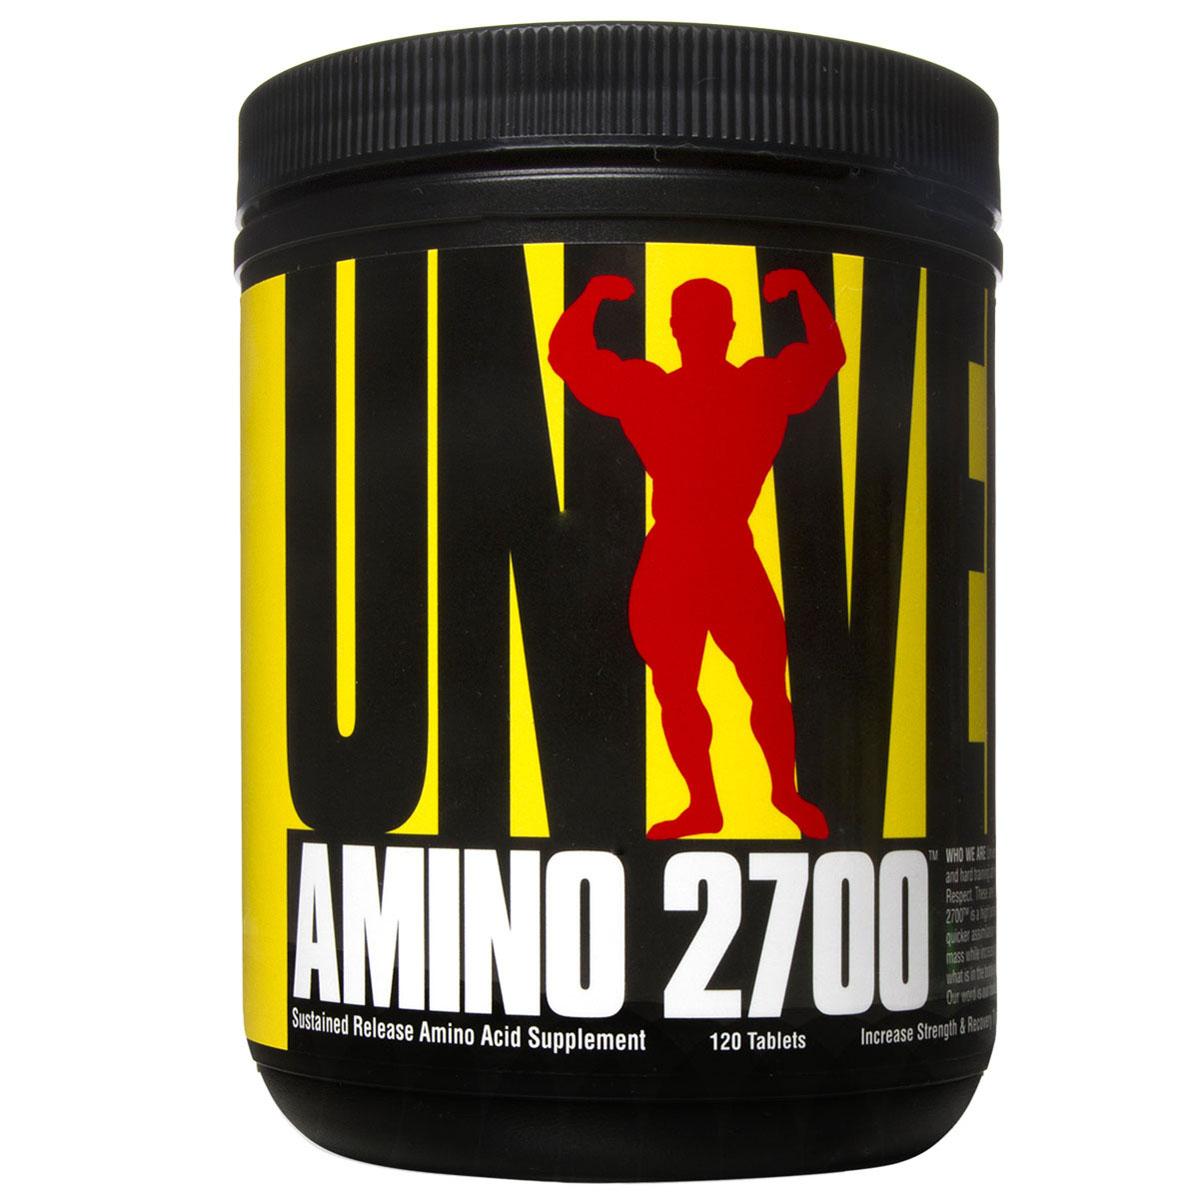 Аминокислотный комплекс Universal Nutrition Amino 2700, 120 таблетокU2700Amino 2700 - аминокислоты в легко расщепляемой пептидной формы, полученные из сывороточного протеина очень высокой чистоты. Amino 2700 очень быстро усваивается, поддерживая анаболизм и встраиваясь в мышцы именно тогда, когда это необходимо. Рекомендации по применению:принимать по 3 таблетки 3 раза в день. Например один раз до тренировки, один раз после нее и между приемами пищи.Как повысить эффективность тренировок с помощью спортивного питания? Статья OZON Гид